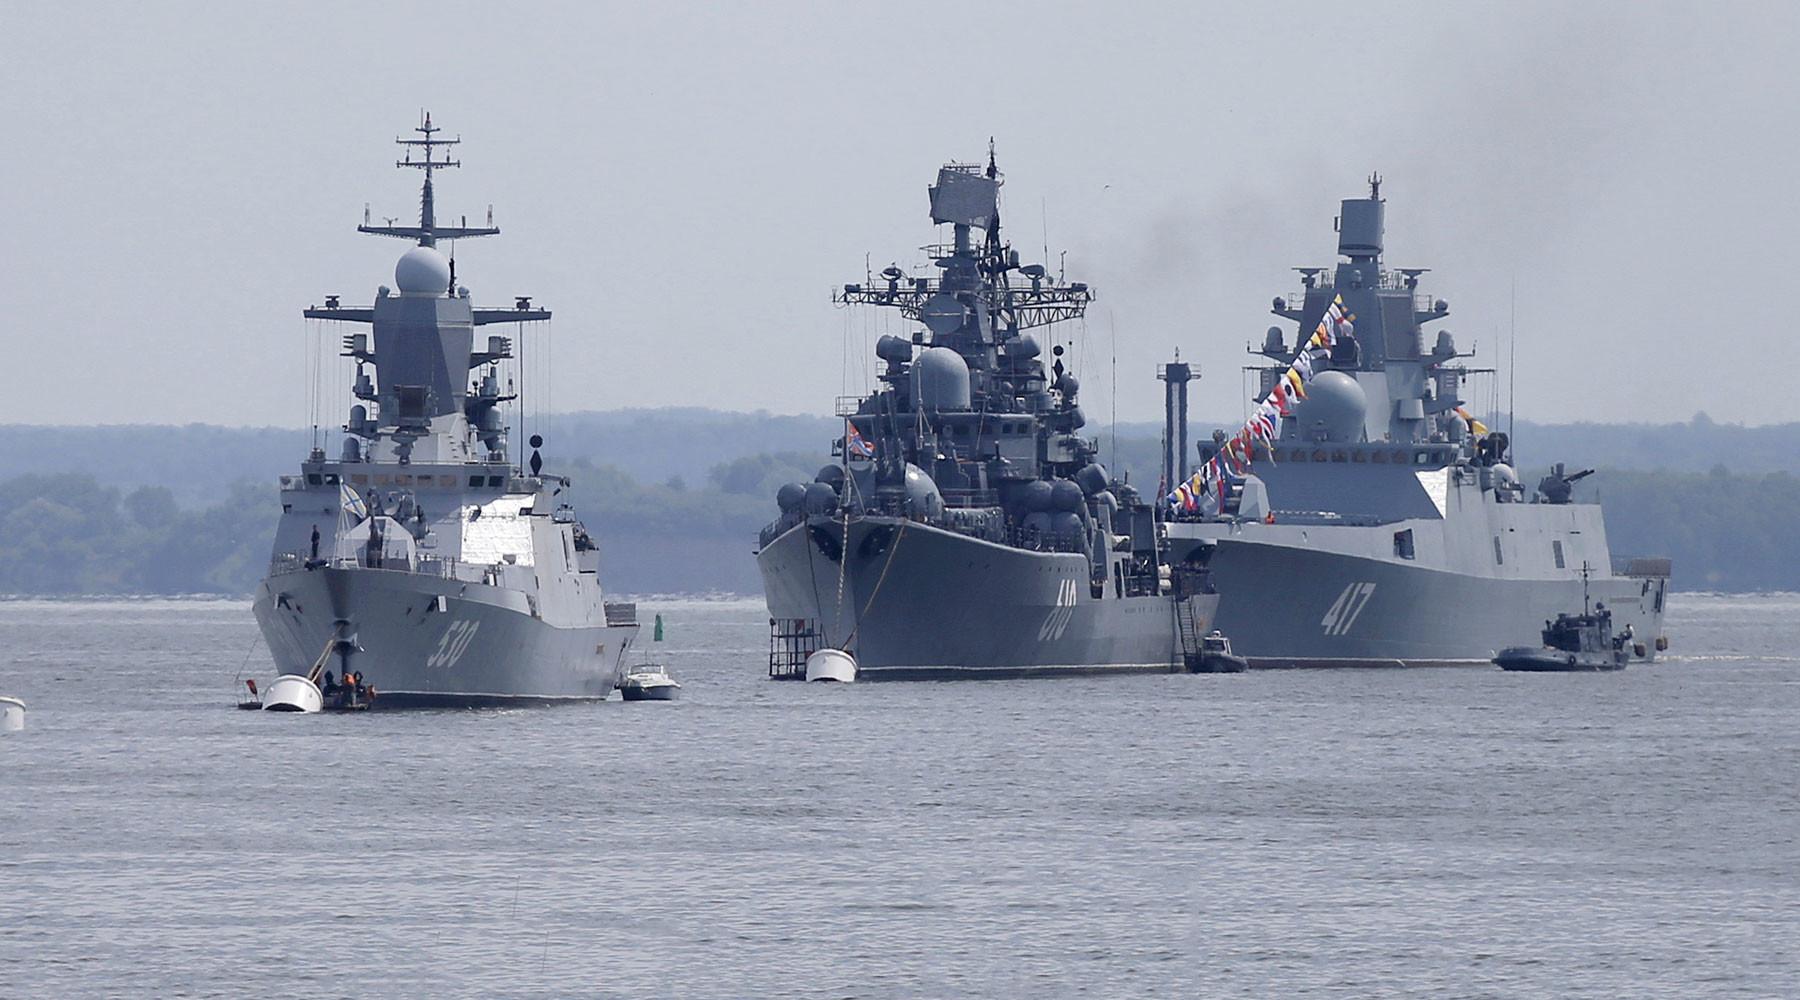 Сможет ли Россия создать полноценный океанский флот?»